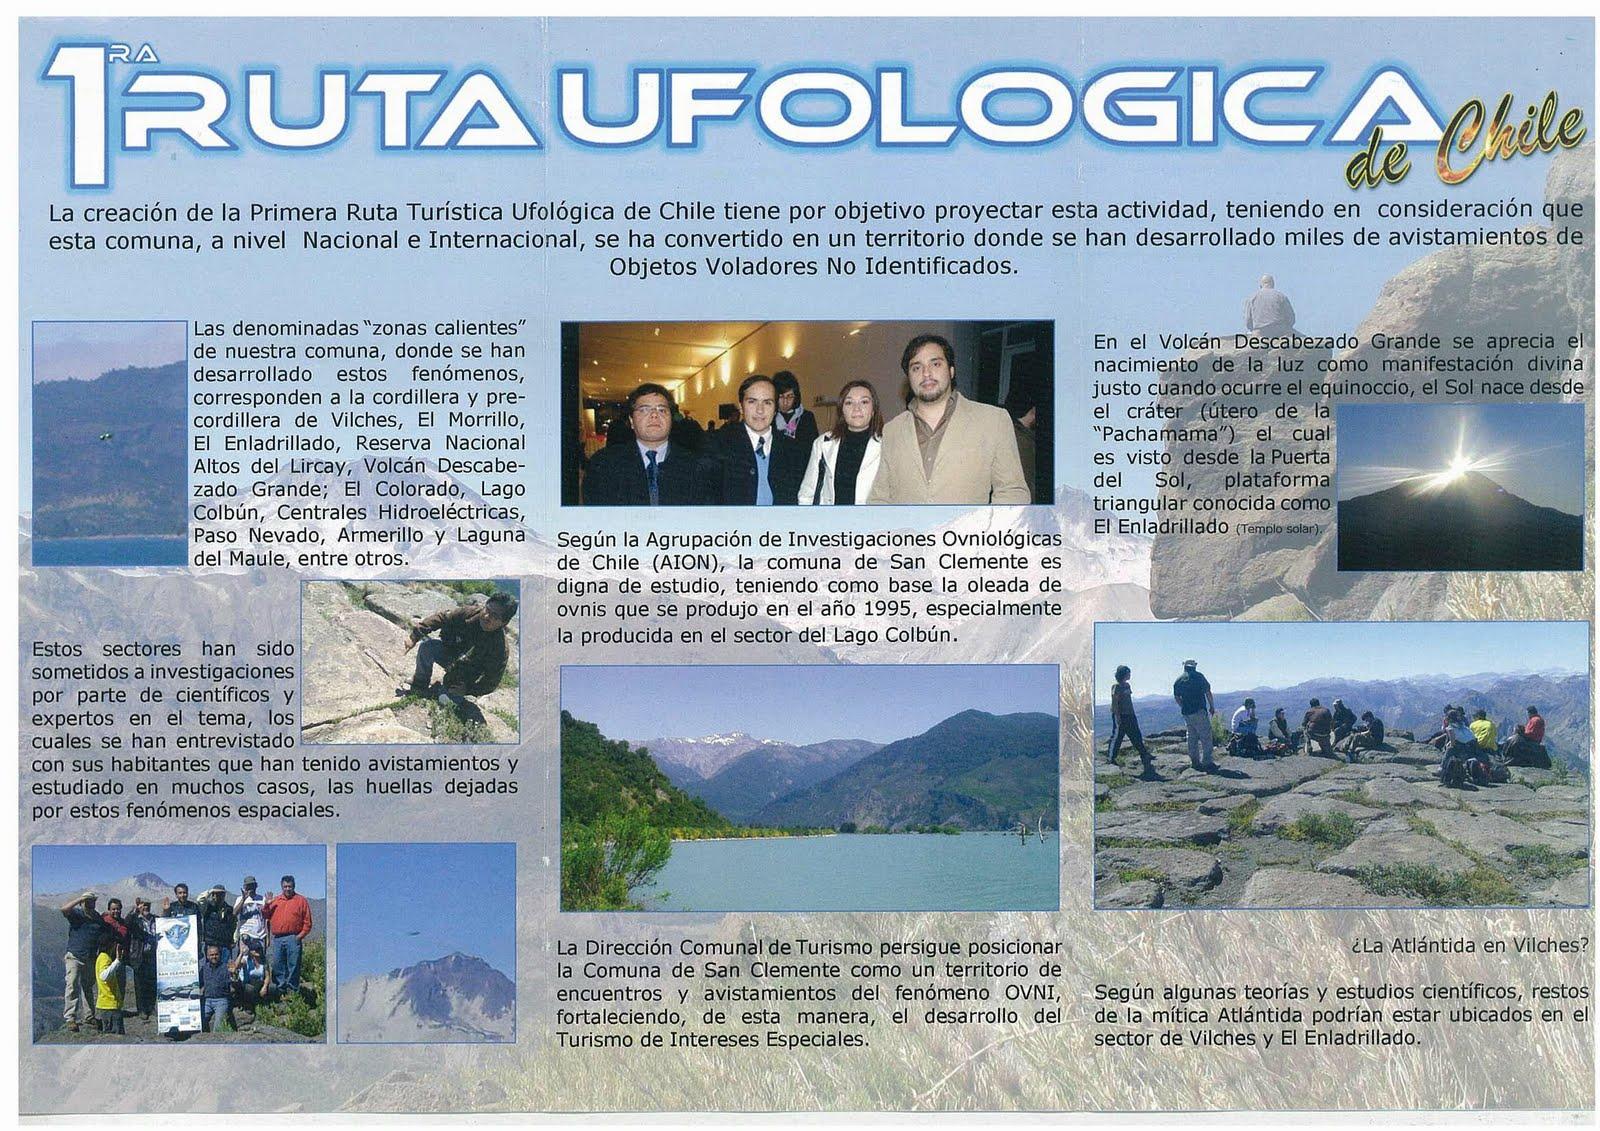 Ruta_Ufologica-2